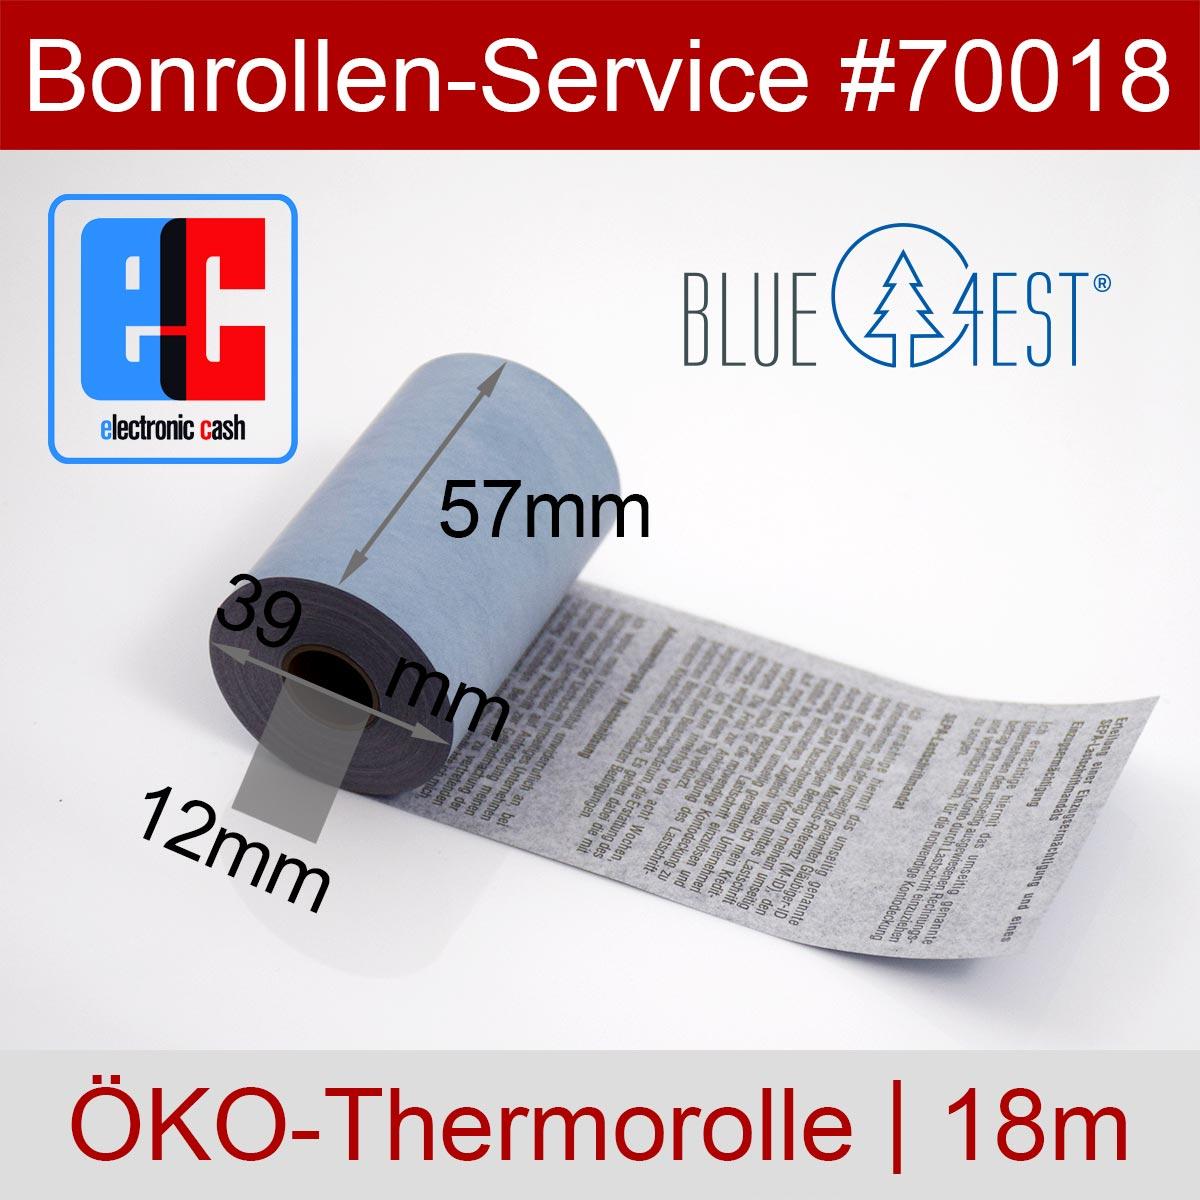 EC-Thermorollen Blue4est 57 / 18m / 12 mit Lastschrifttext, blau - Detailansicht